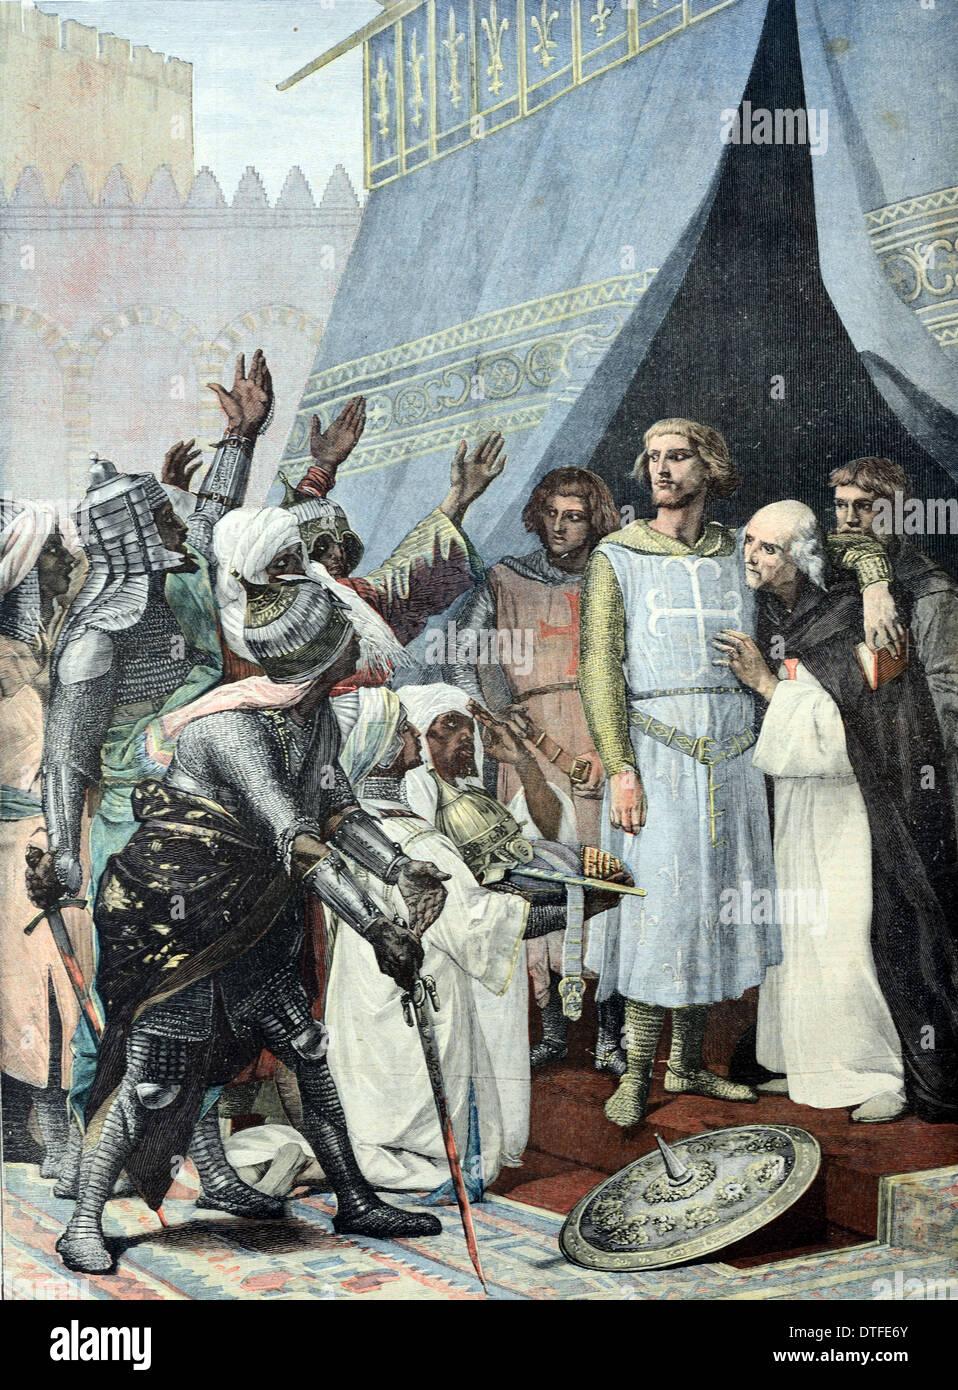 König Ludwig IX. oder Saint Louis IX katholische Heilige & König von Frankreich (1214-1270) in Jerusalem während des 7. Kreuzzugs (C1248) Stockfoto